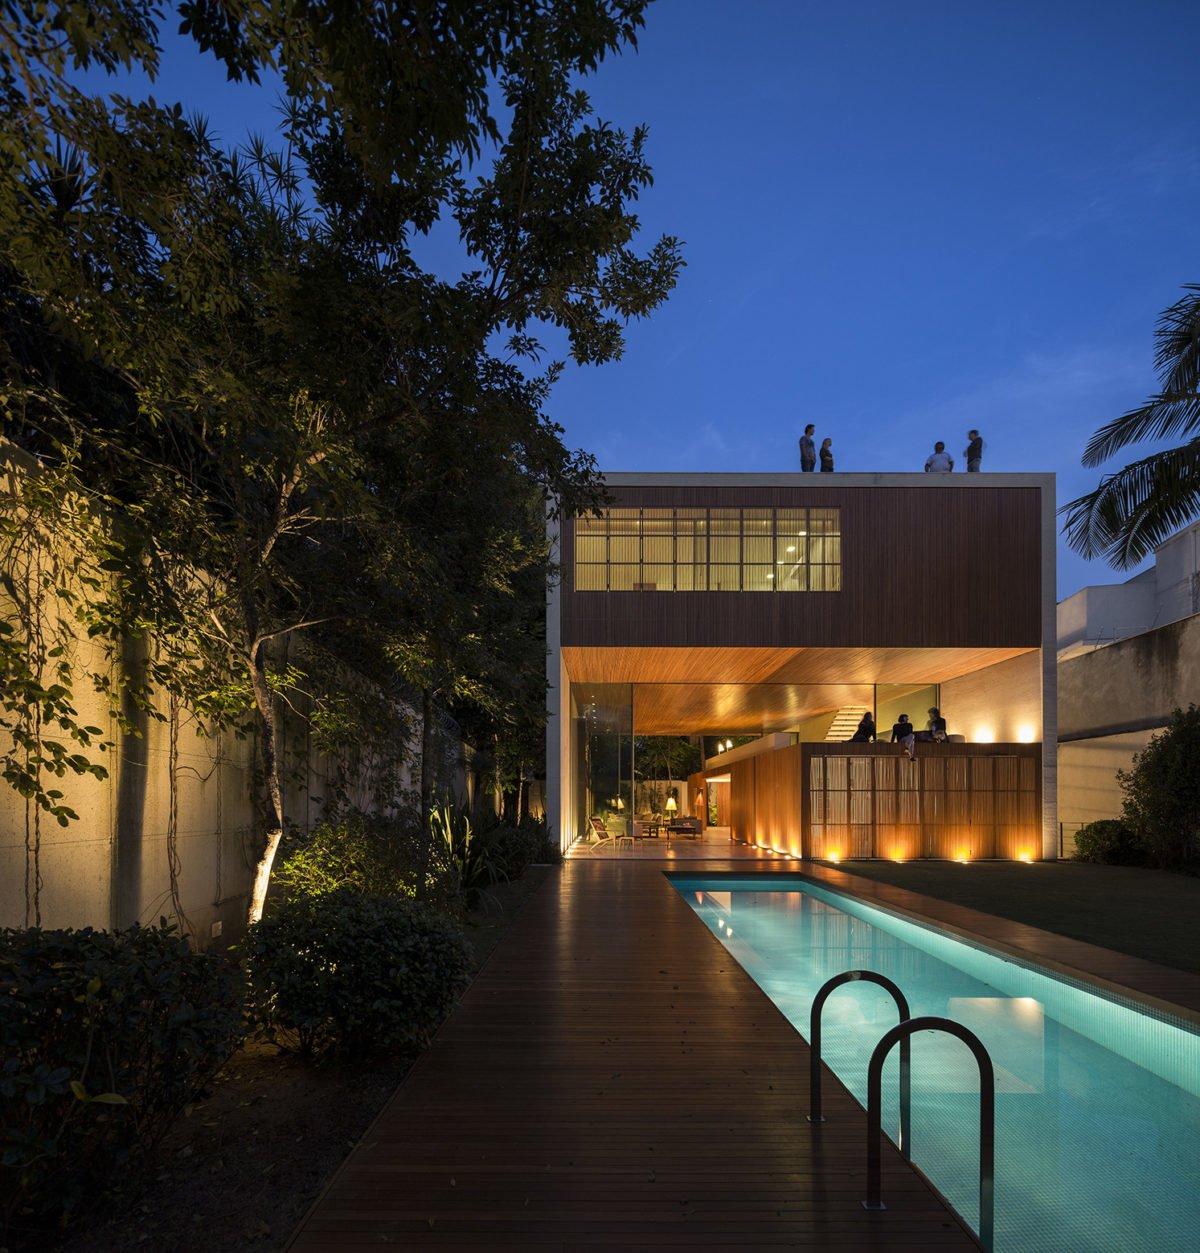 16Tetris House In São Paulo Brazil By Studiomk27 32 Ngôi nhà lấy ý tưởng từ trò chơi xếp hình TETRIS qpdesign